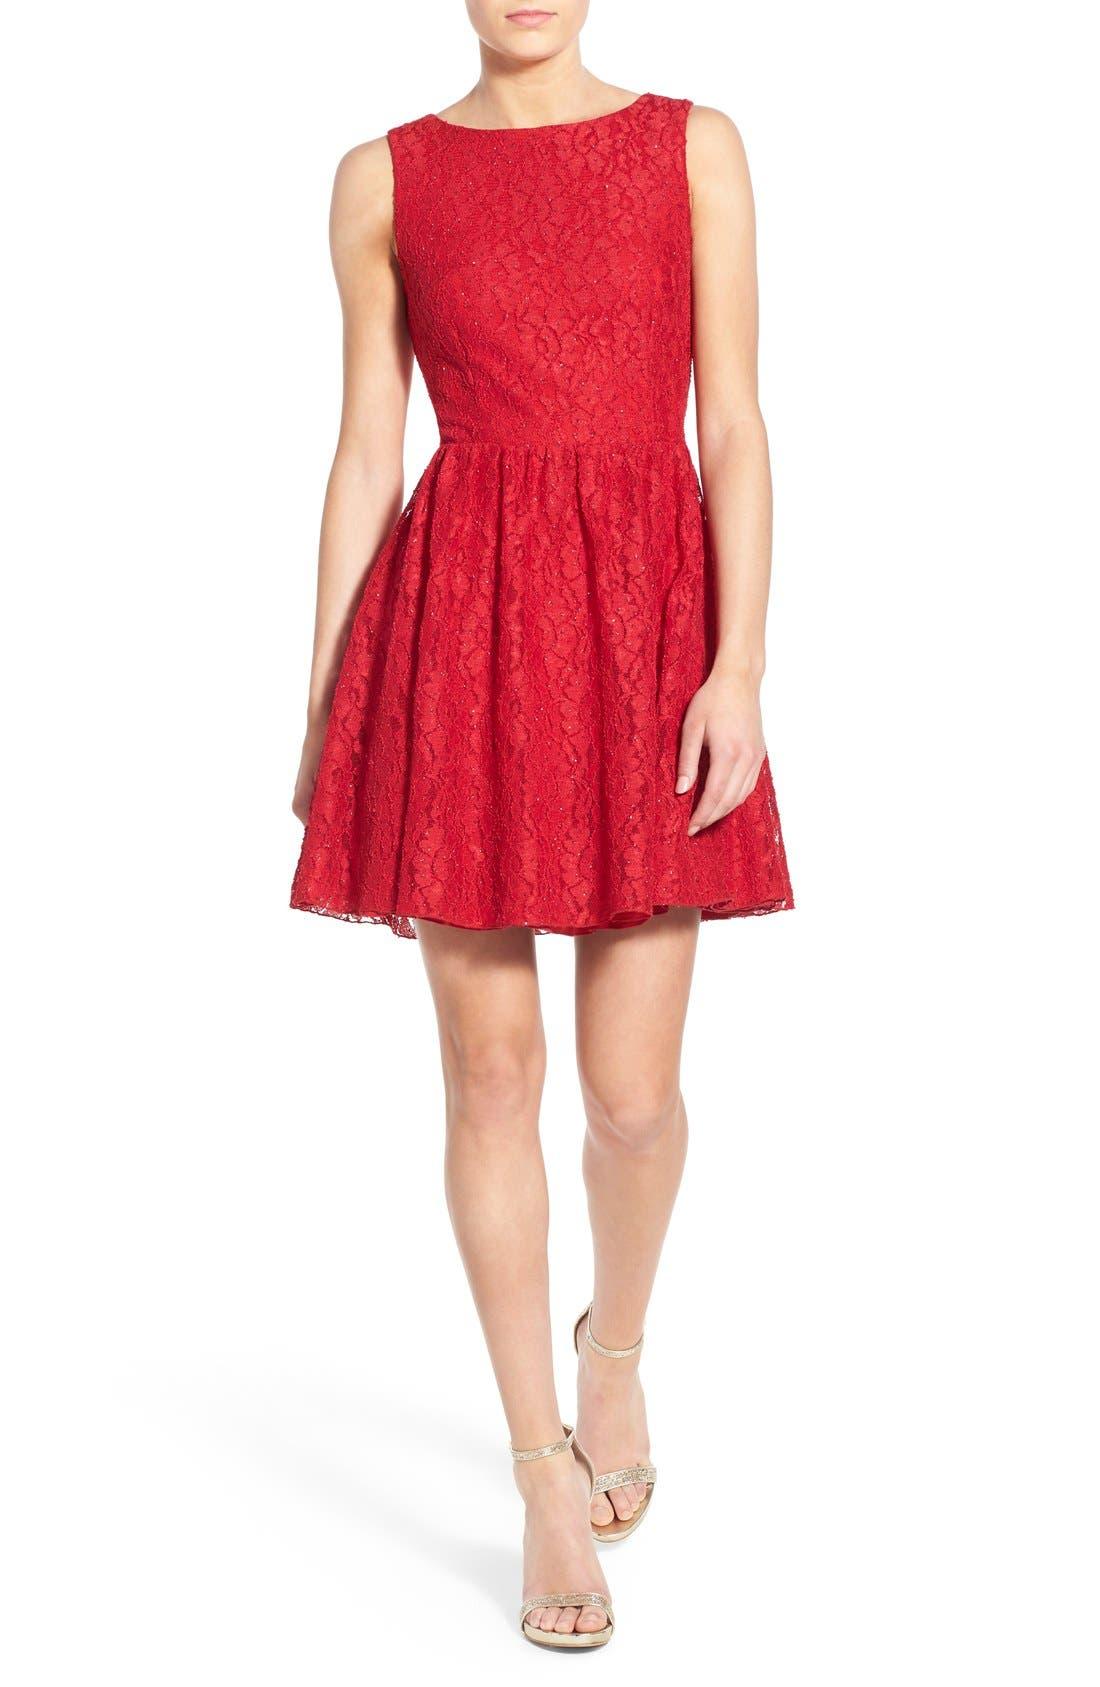 Main Image - Speechless Glitter Lace Skater Dress